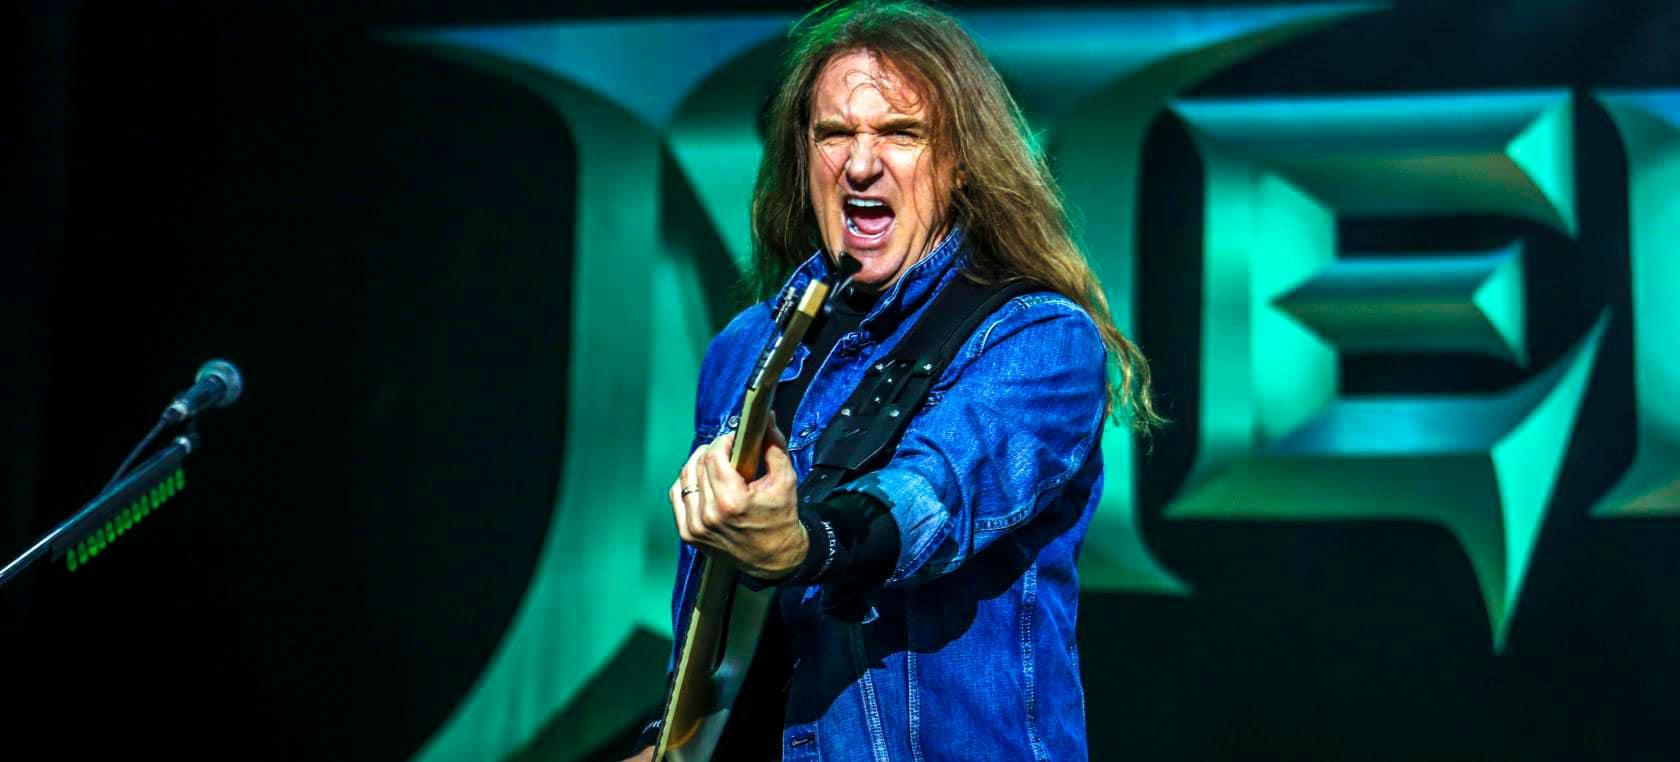 Se revelan nuevos detalles sobre el cargo de pedofilia de David Ellefson (ex-Megadeth)